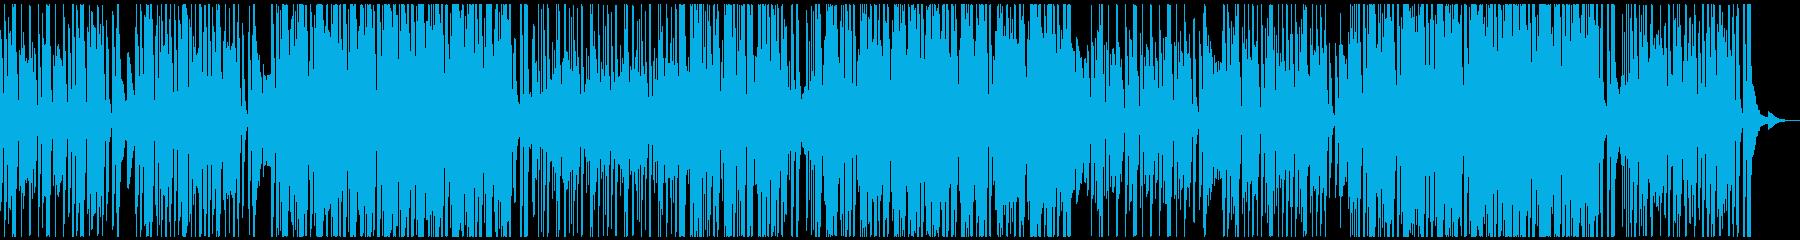 ファンク 心に強く訴える 感動 ス...の再生済みの波形